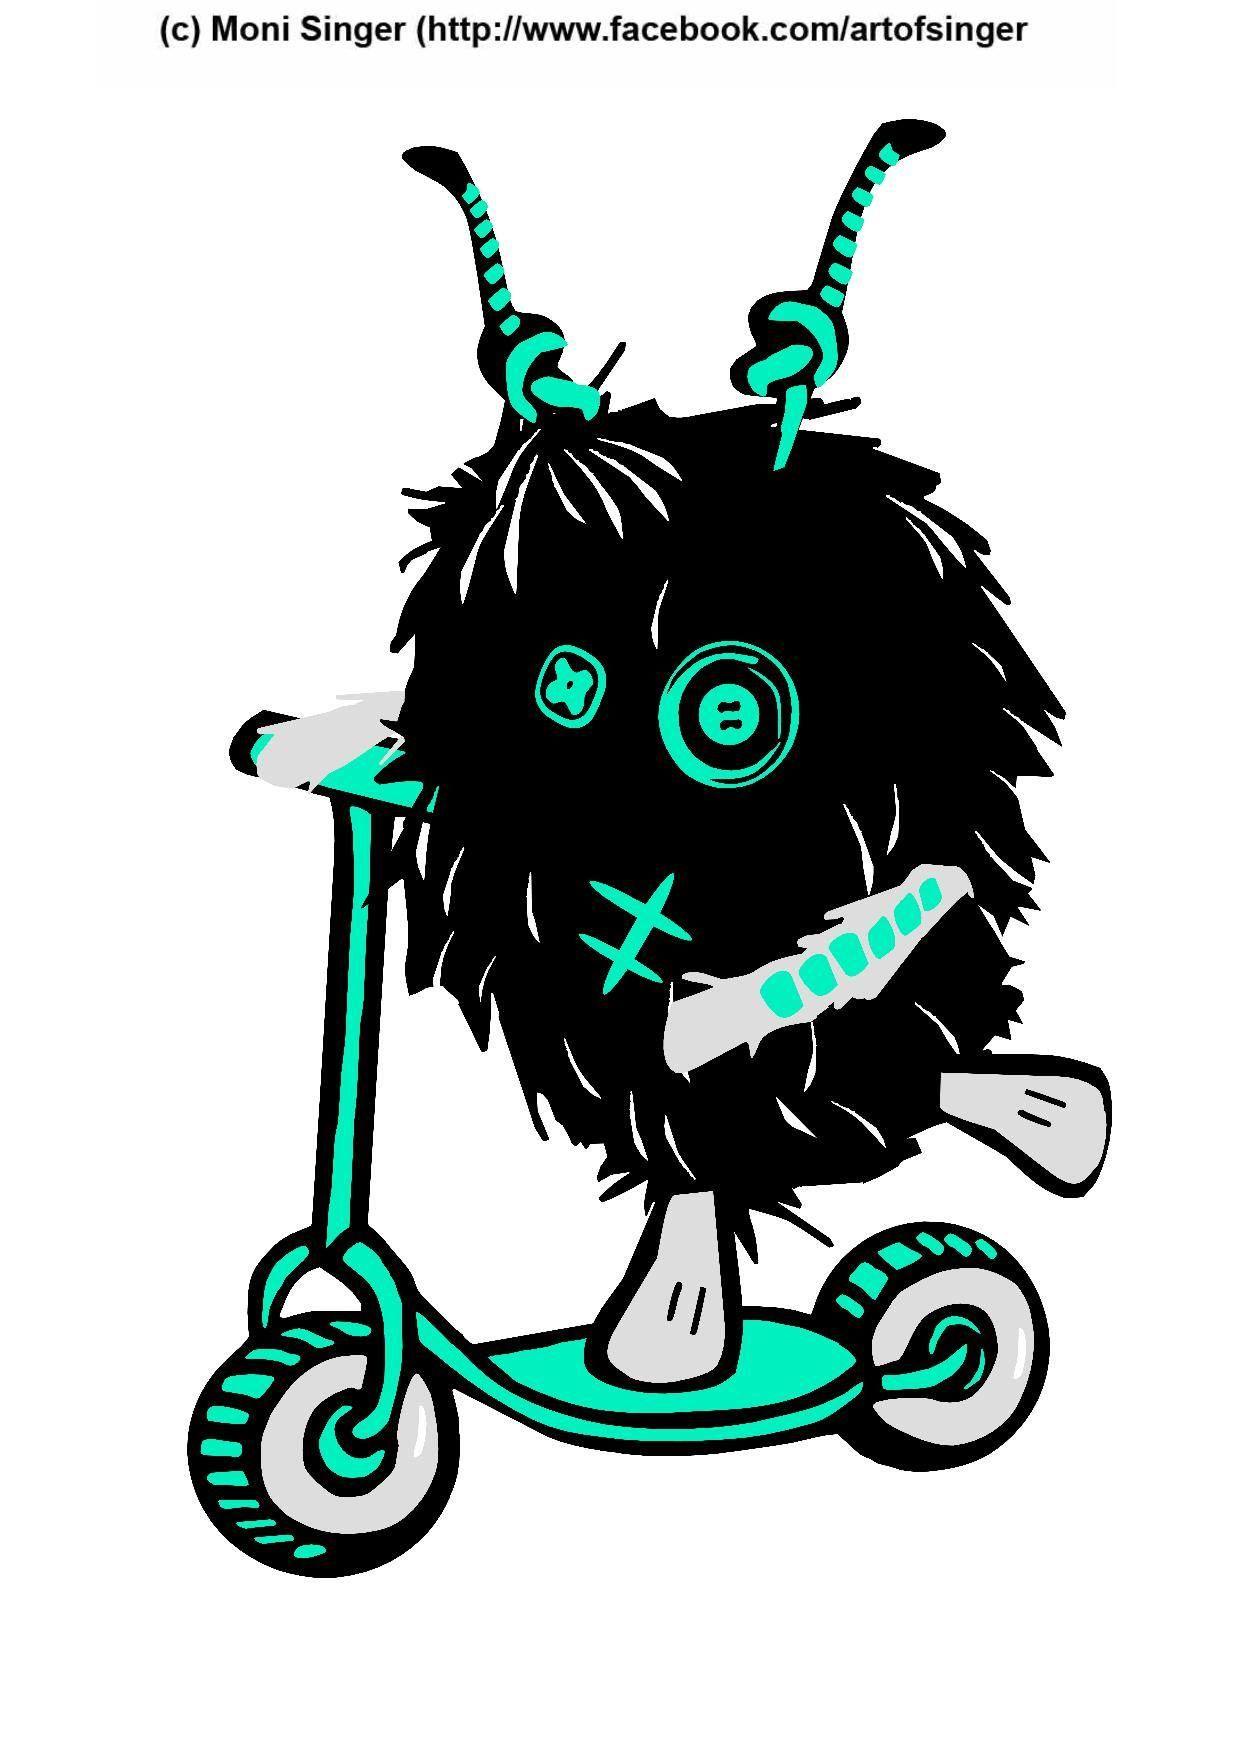 Voodoo dreams no deposit bonus